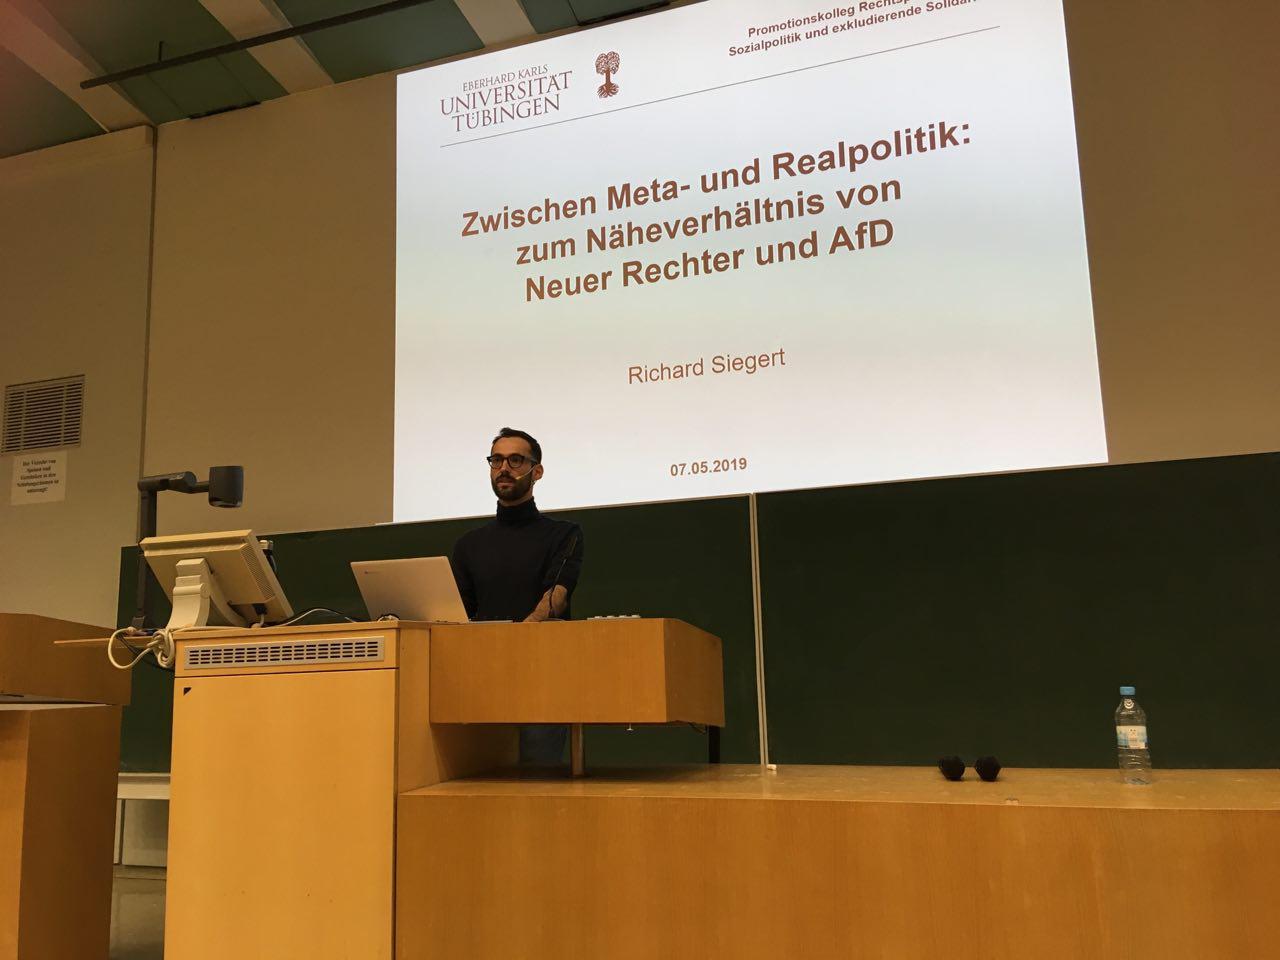 Richard Siegert während seines Vortrages